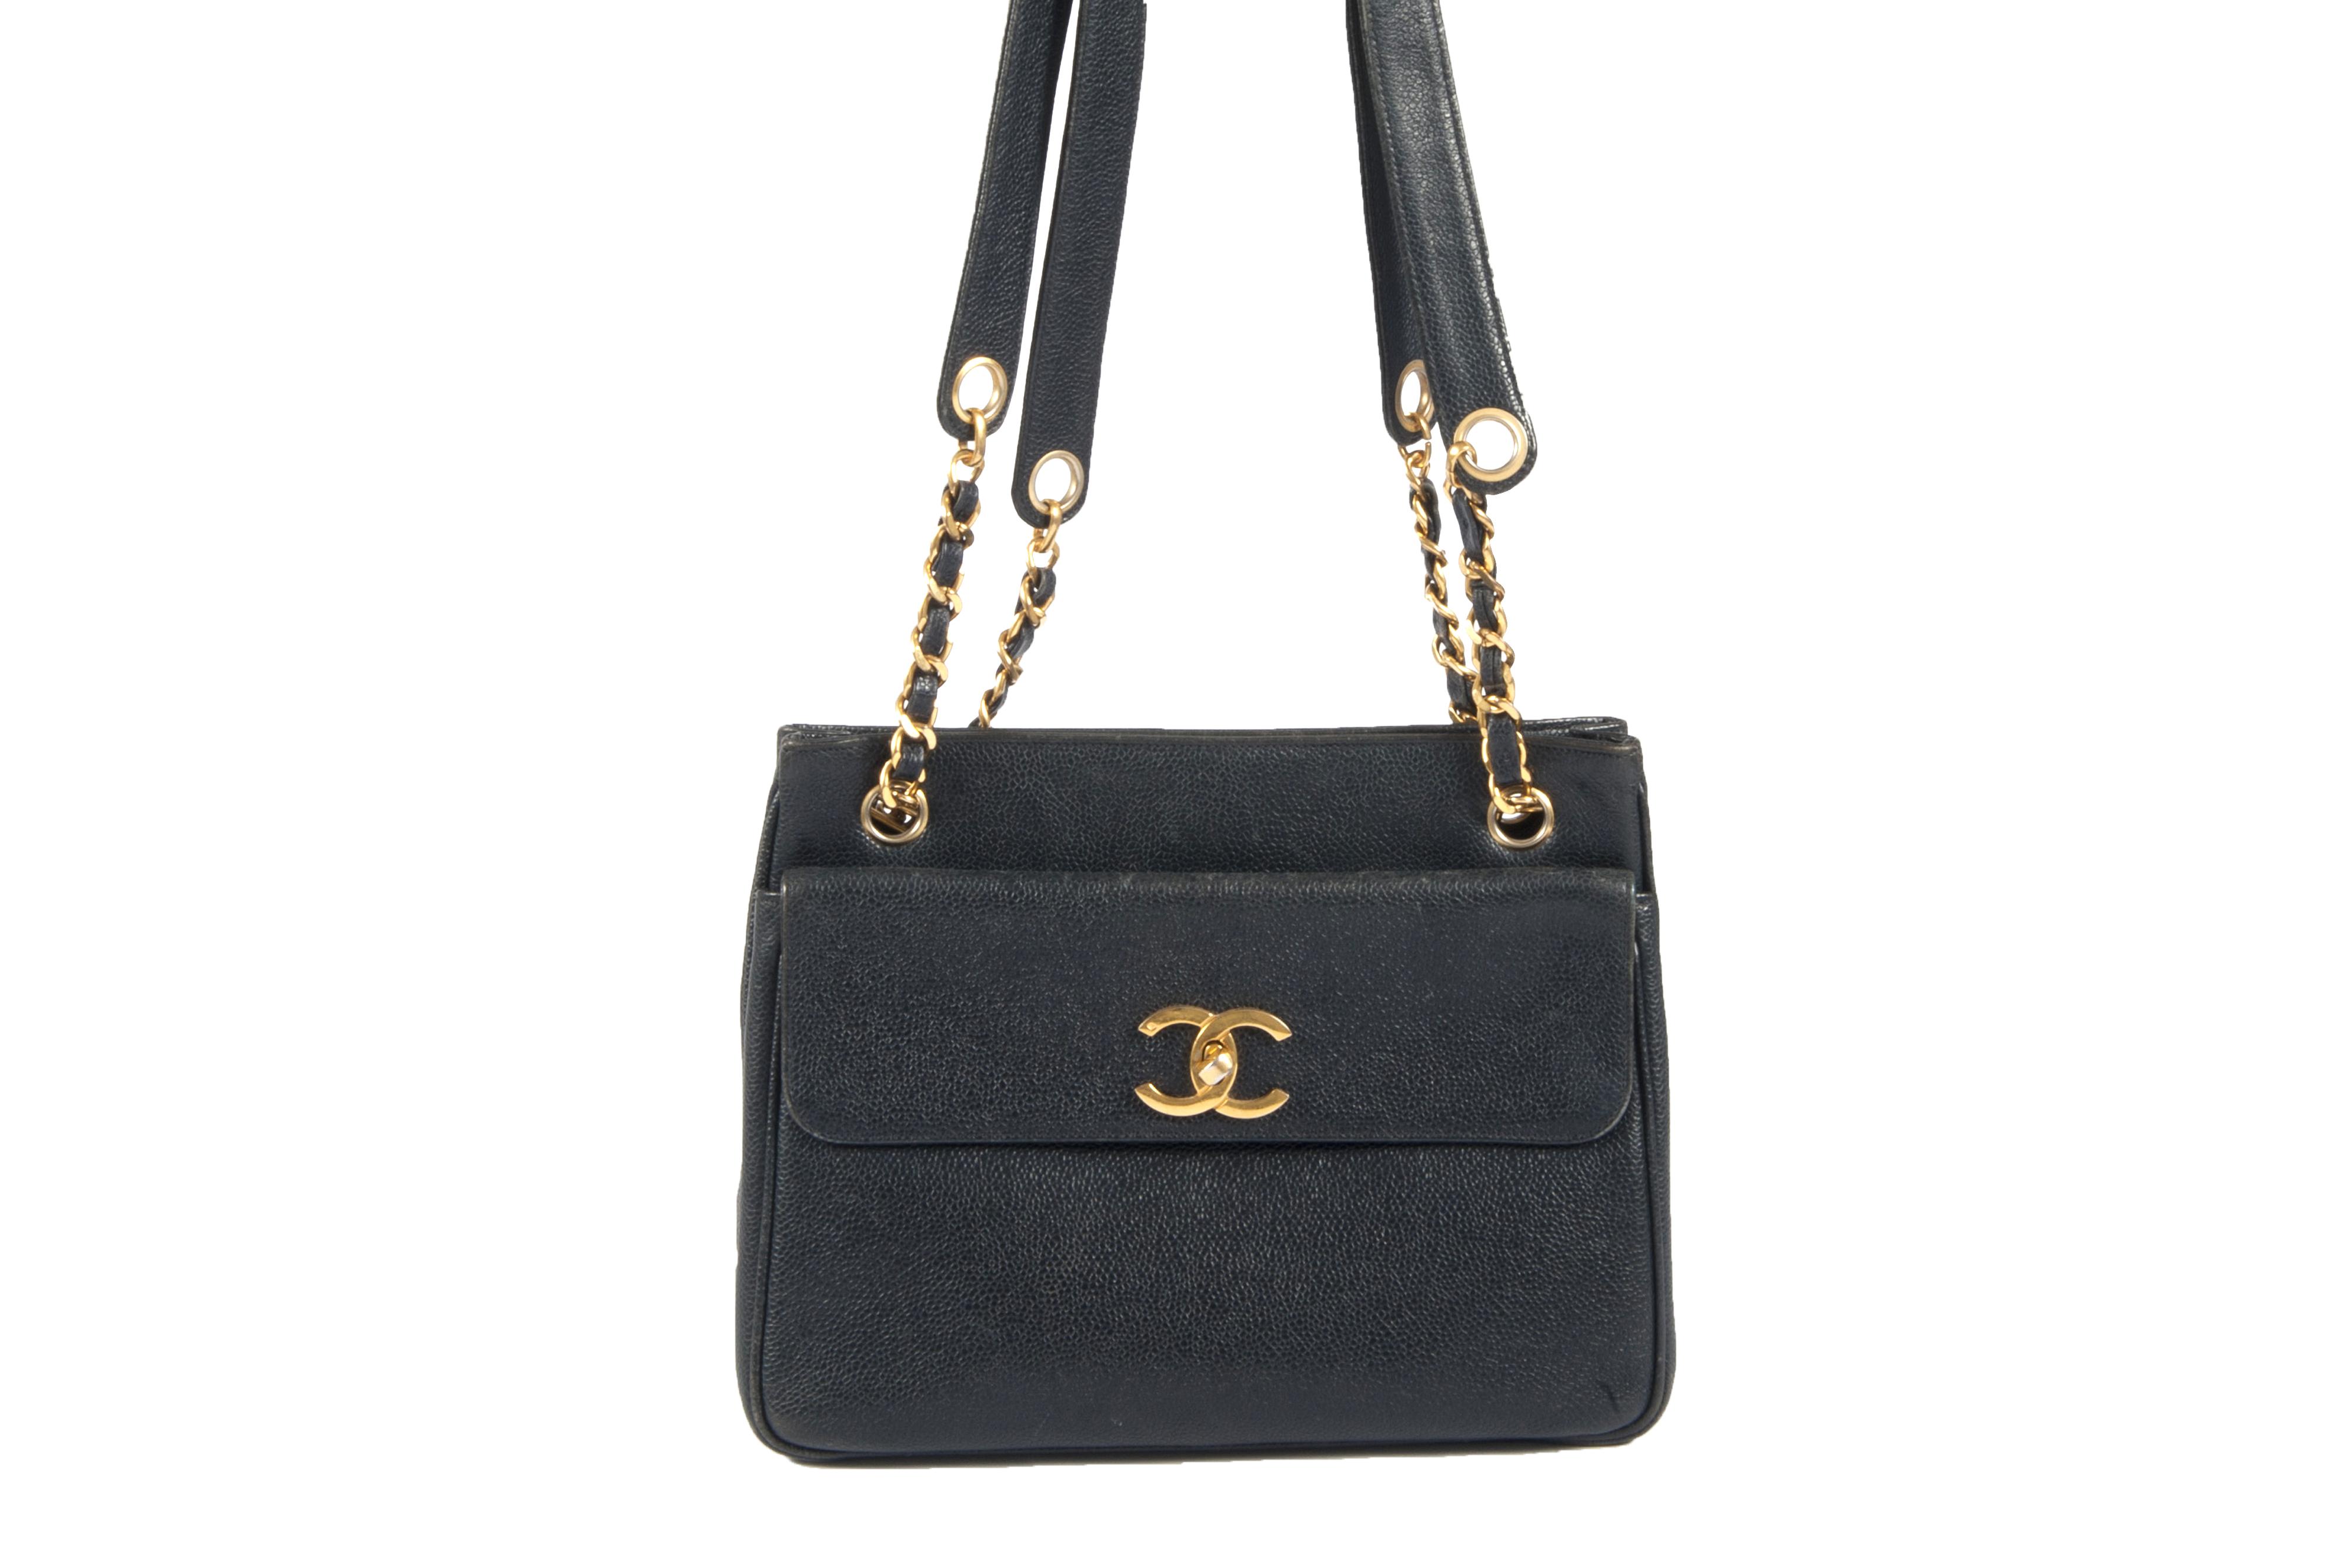 52e752f9a3ad Chanel marine blue vintage handbag - Vintage Shop in Mykonos